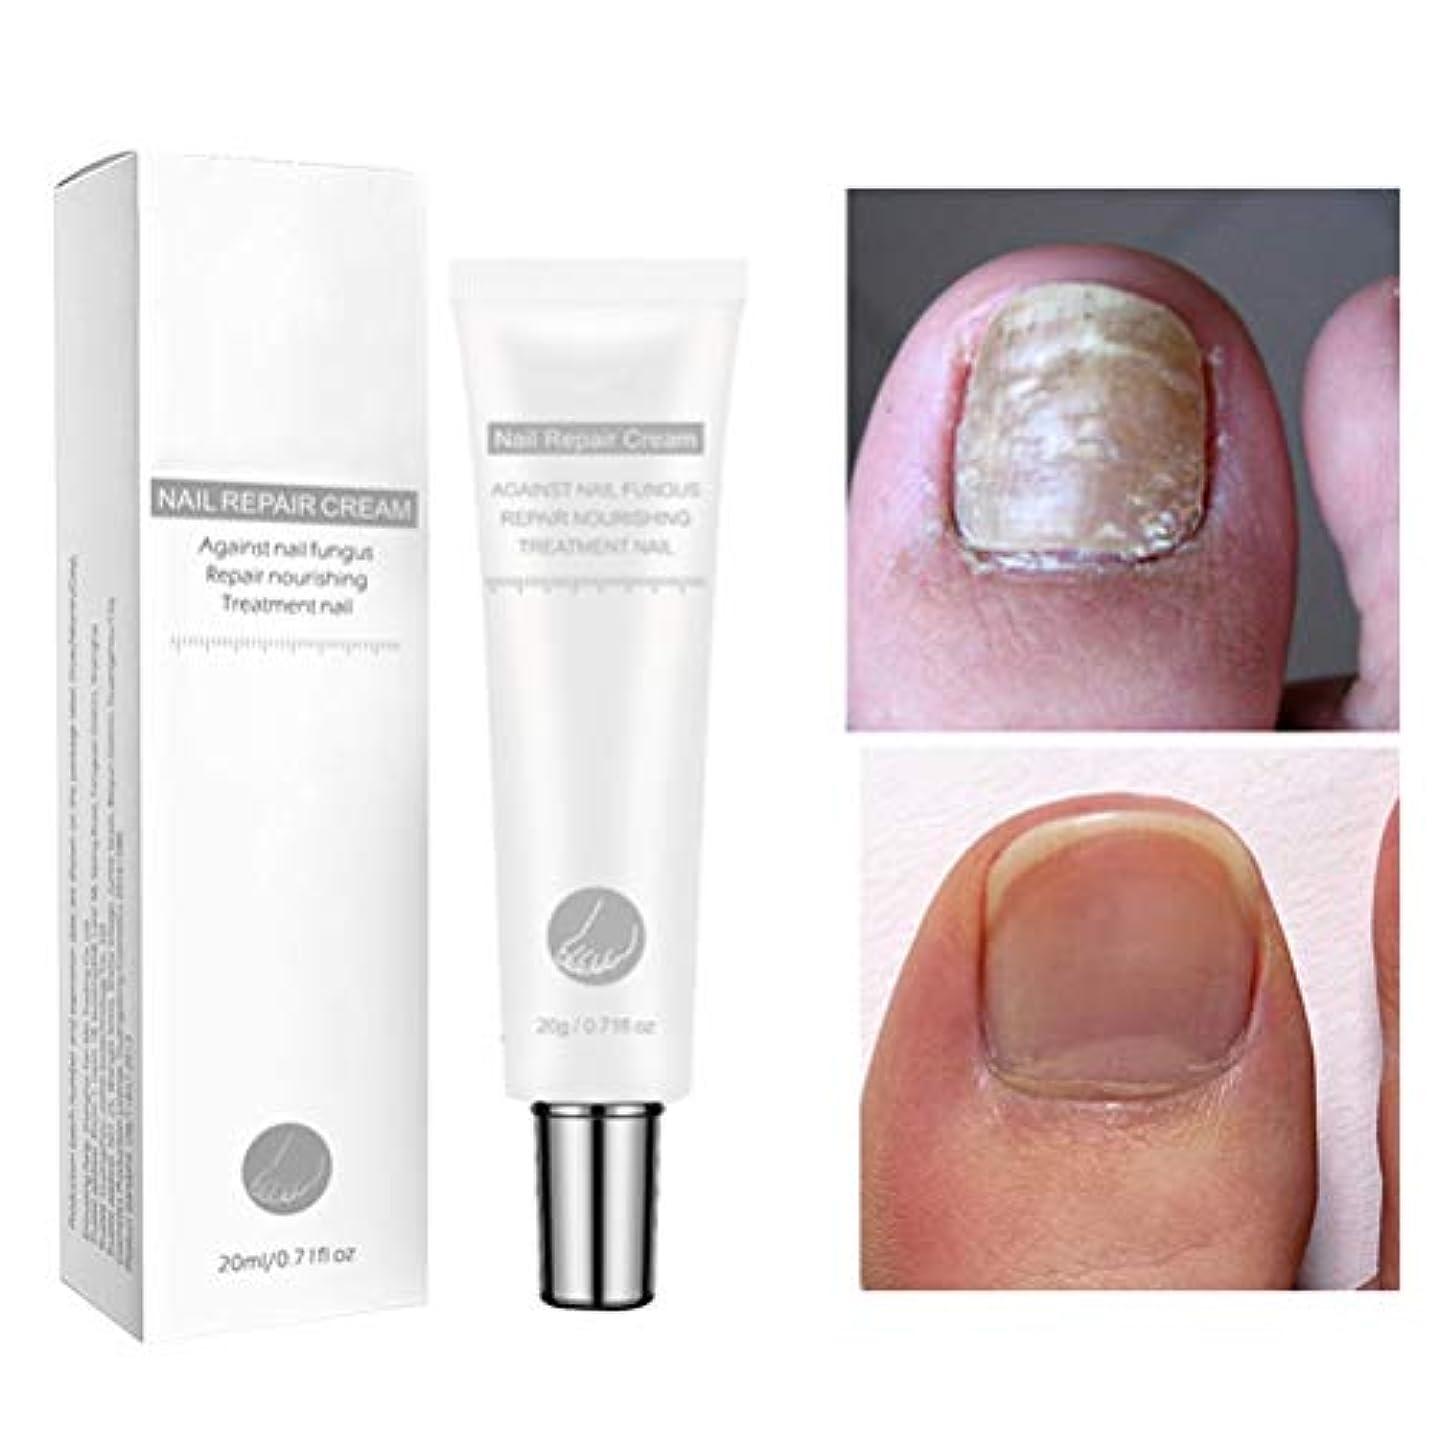 息を切らして逆に侵入するBSMEAN 20g爪真菌治療、抗真菌爪治療、抗真菌性足指爪および爪液、抗真菌爪液